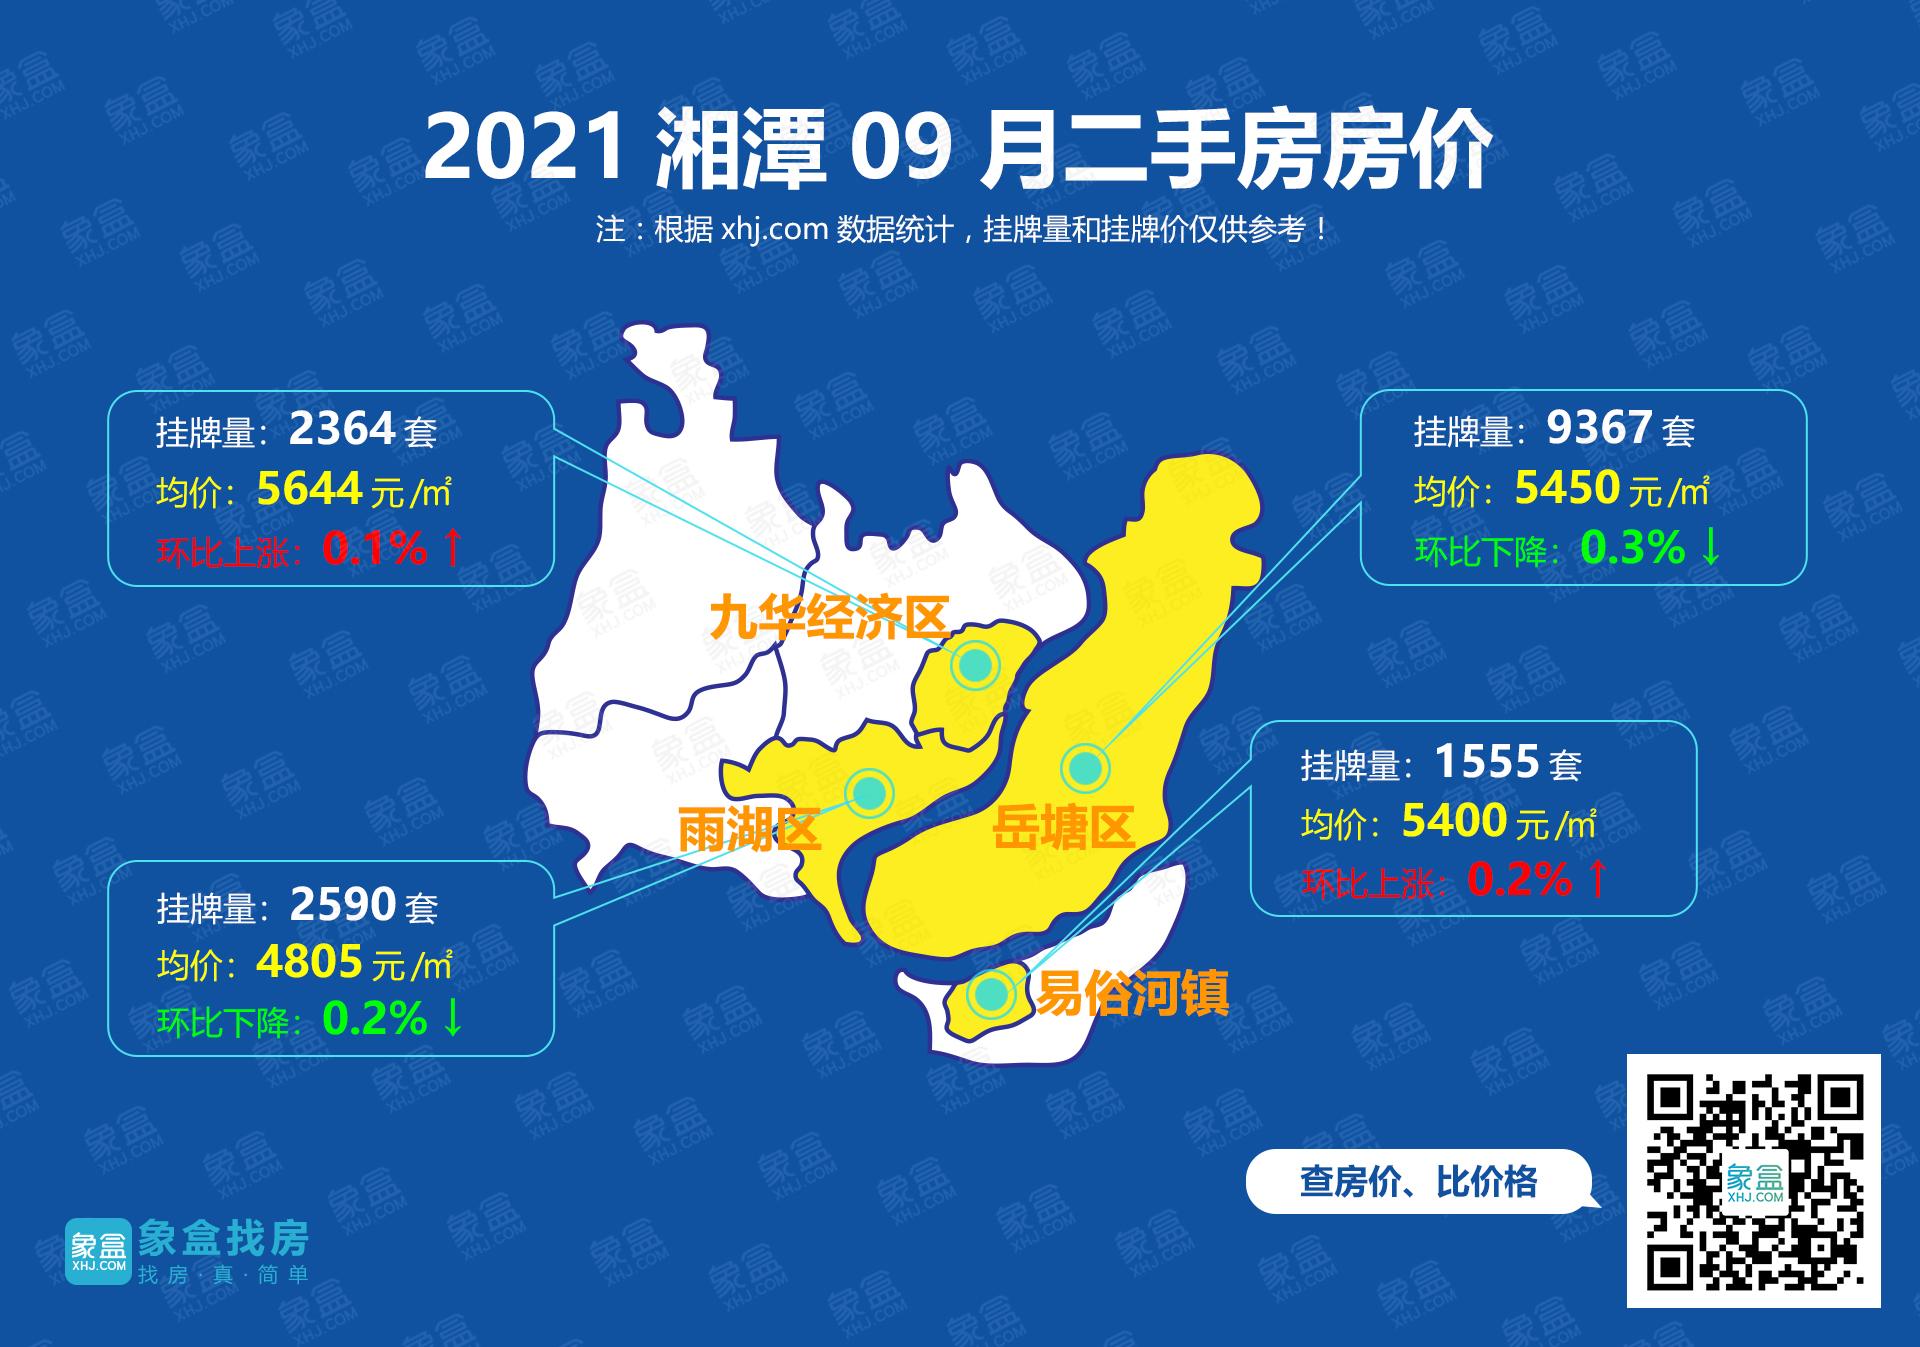 九月湘潭二手房价地图:依旧持平的稳定局面,易俗河微微领头